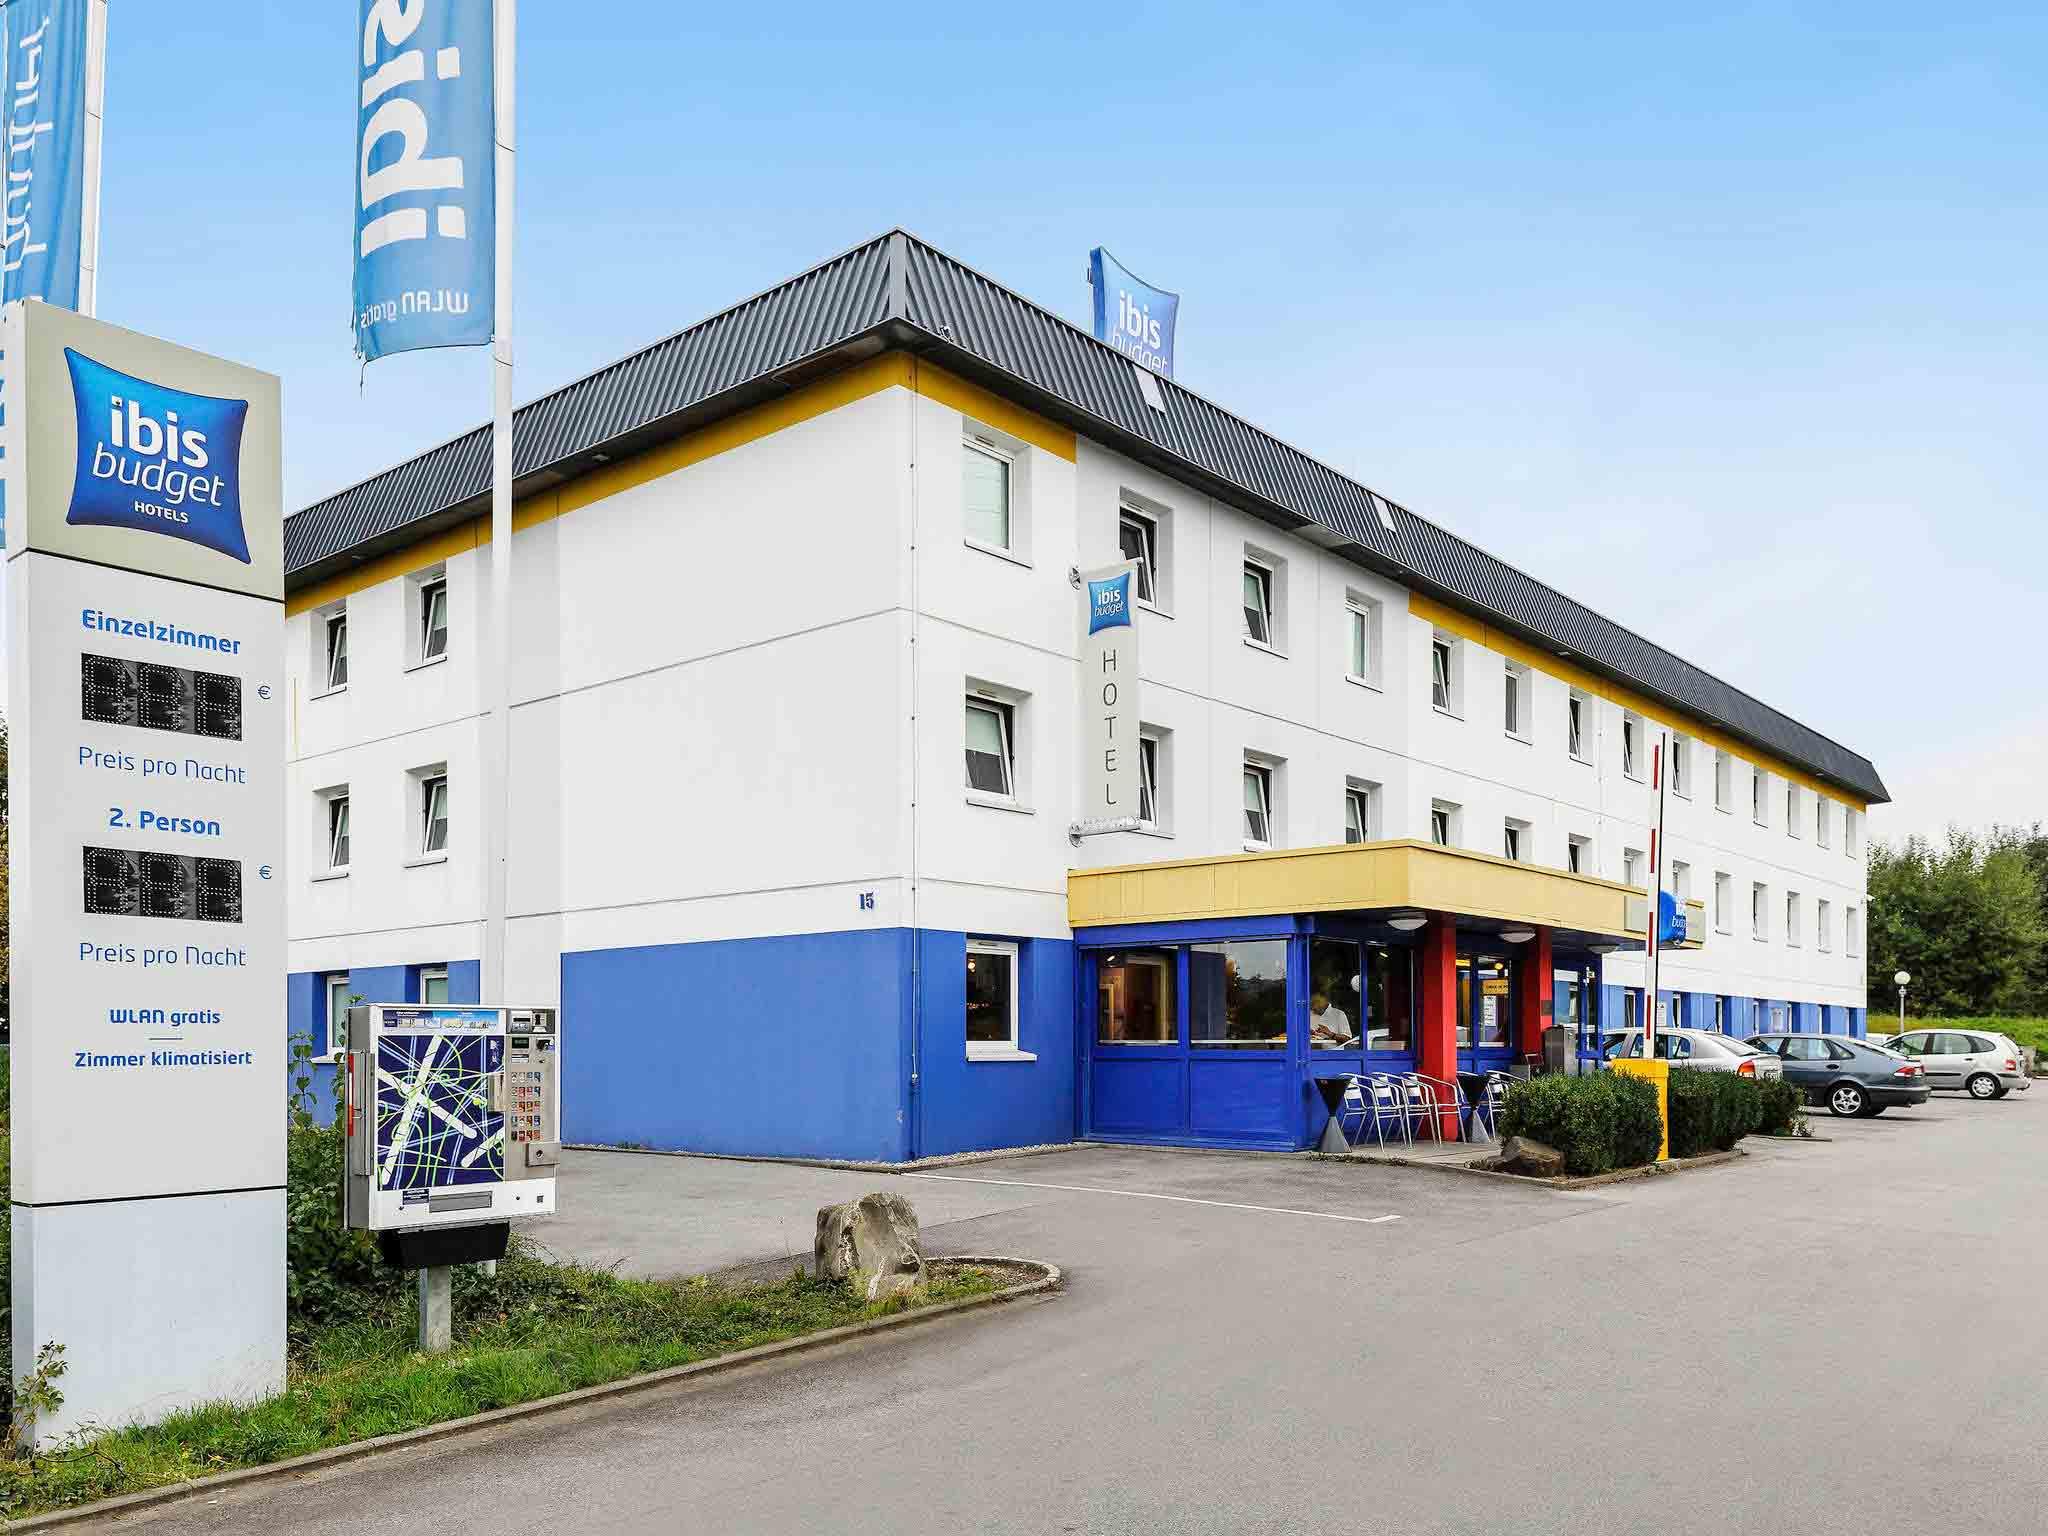 ホテル – イビスバジェットアーヘンノルト